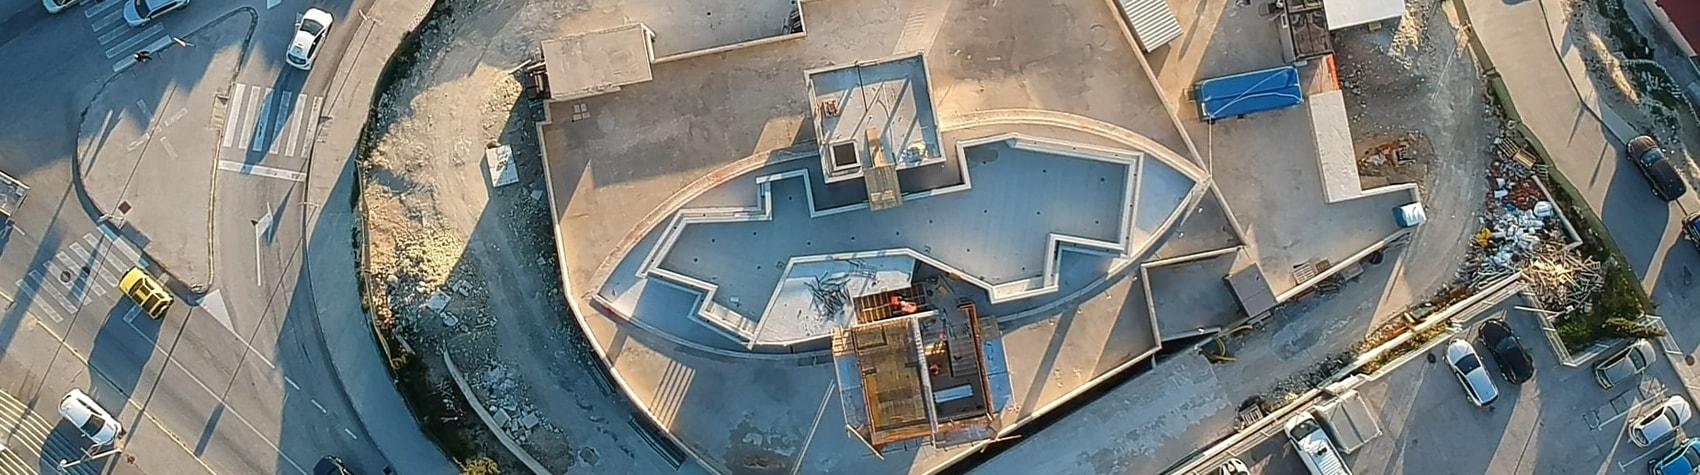 Završeni su građevinski radovi na bazenu na krovu zgrade u Splitu